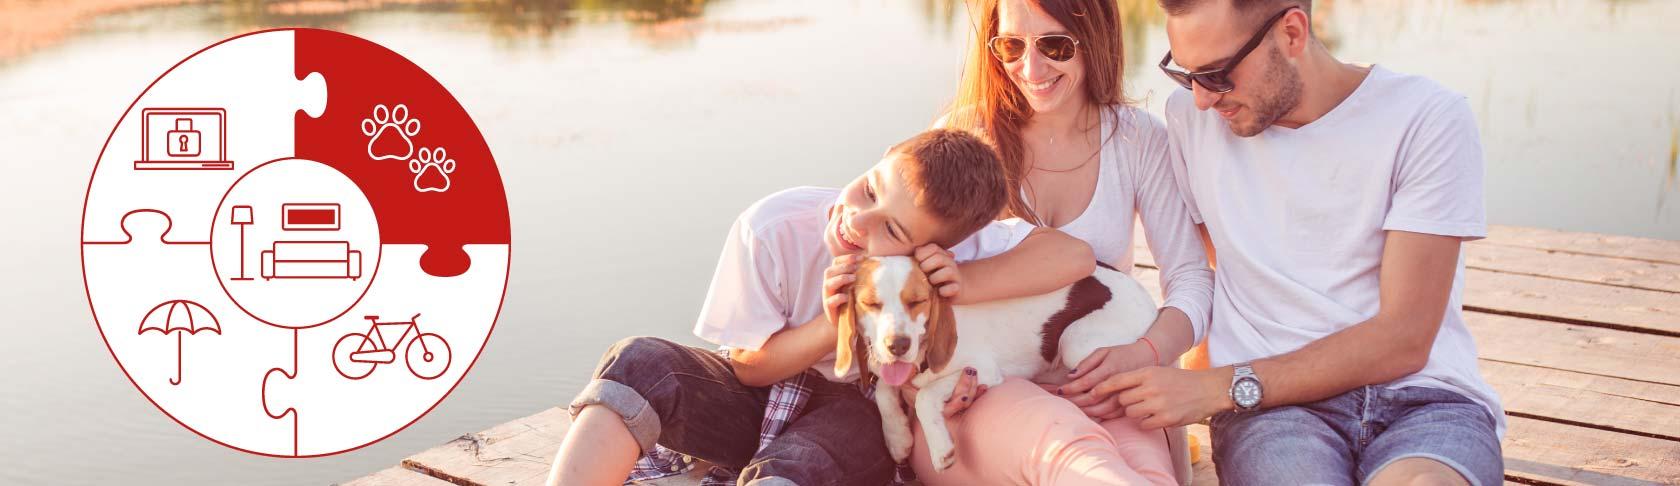 Assicurazione animali domestici generali for Mobilia domestica